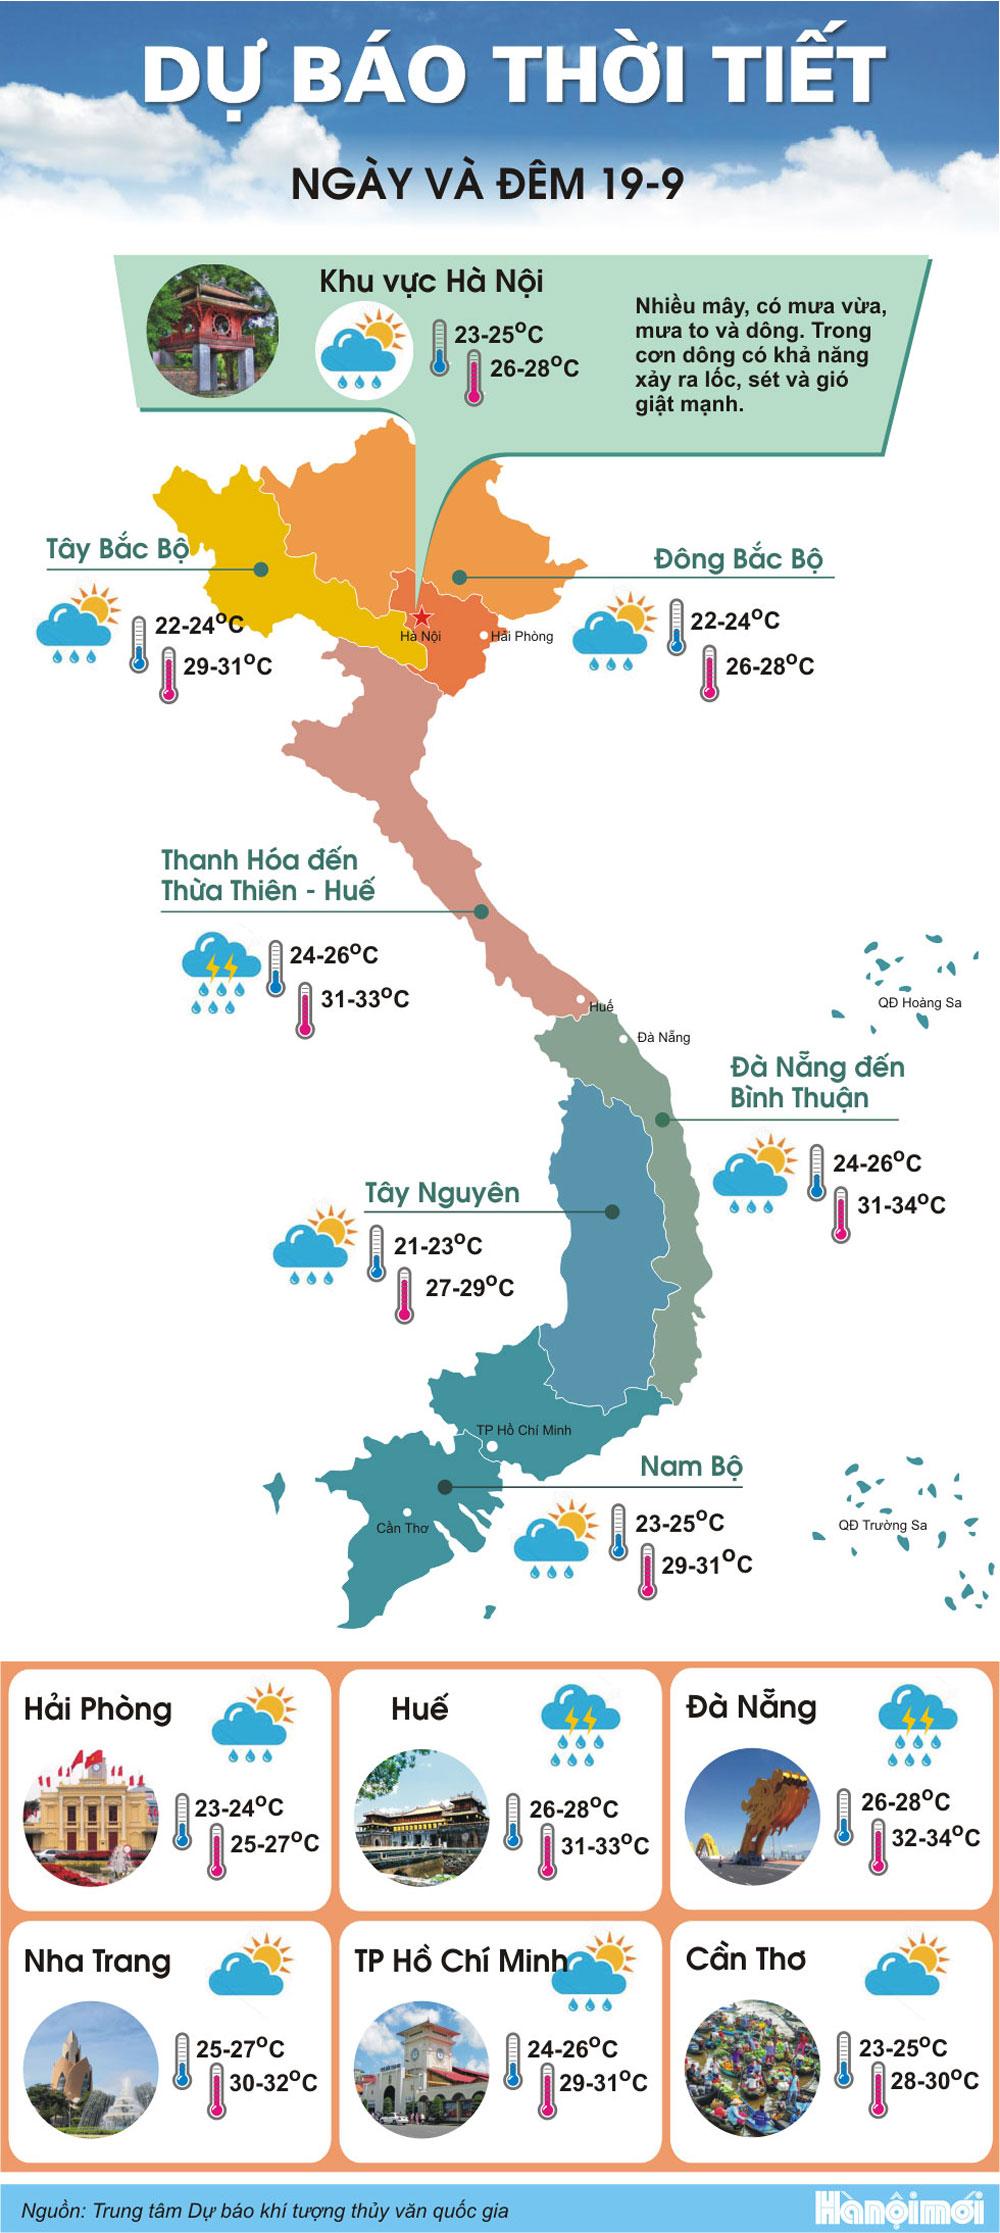 Ảnh hưởng, hoàn lưu sau bão, Bắc Bộ, mưa to